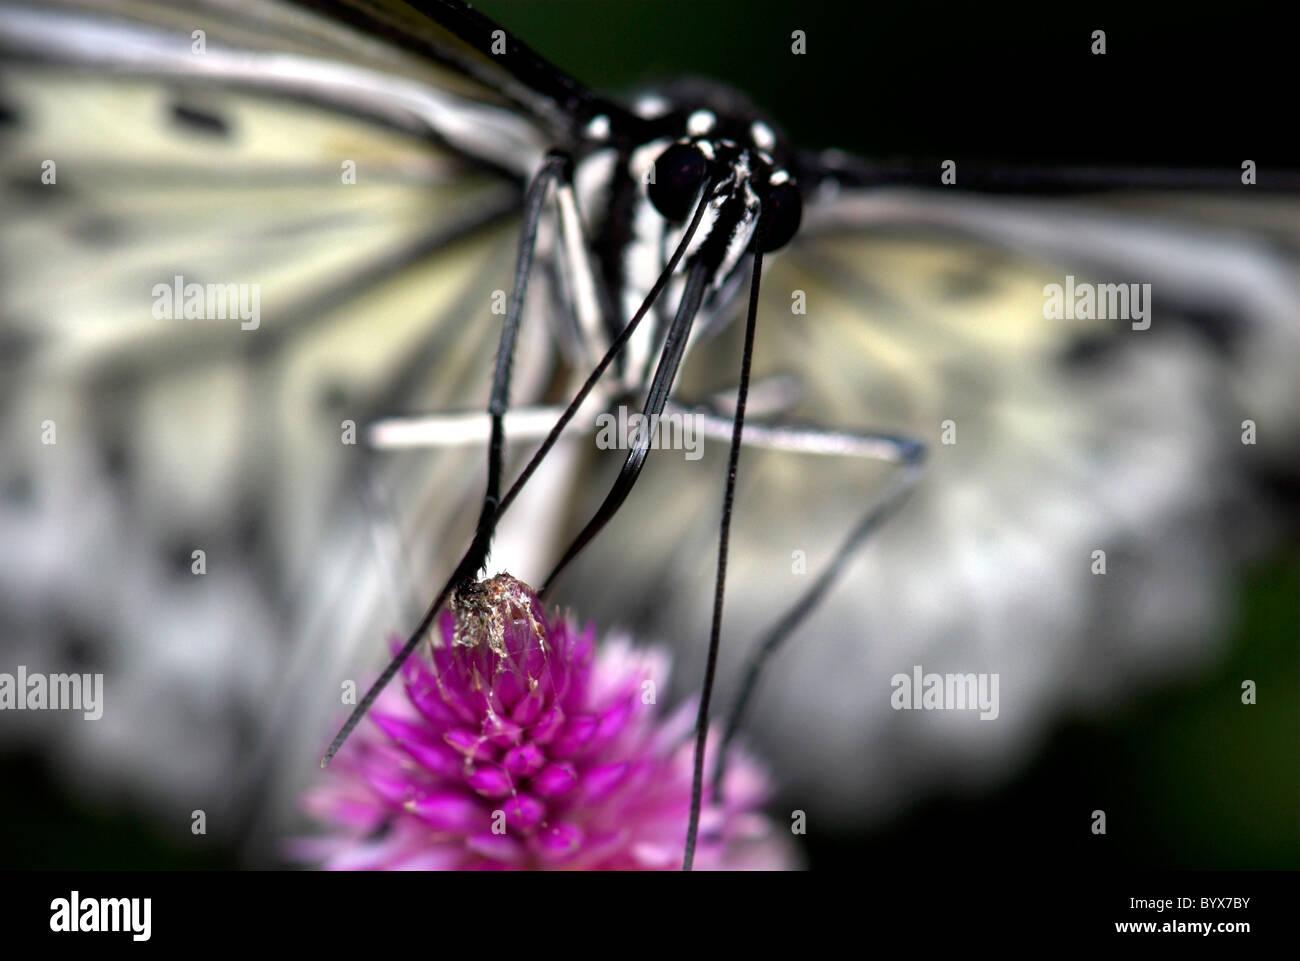 Baum Nymphe ButterflyIdea Leuconoe Asien Stockfoto